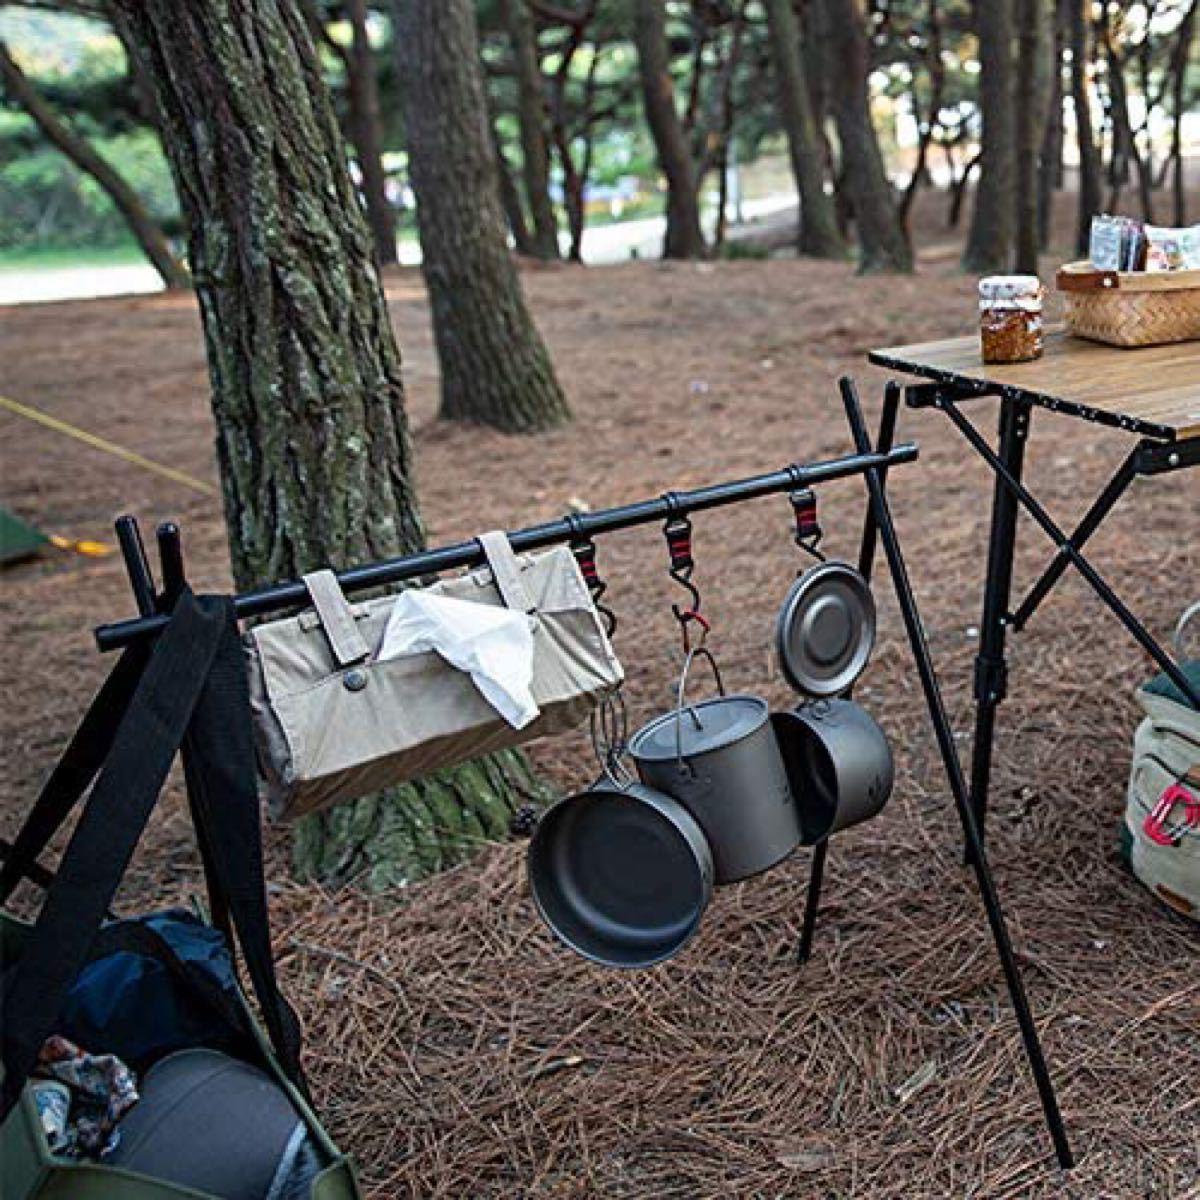 アウトドア ハンガーラックスタンド ランタンスタンド キャンプスタンド ハンギングラック ケース付 小物掛けスタンド Lサイズ